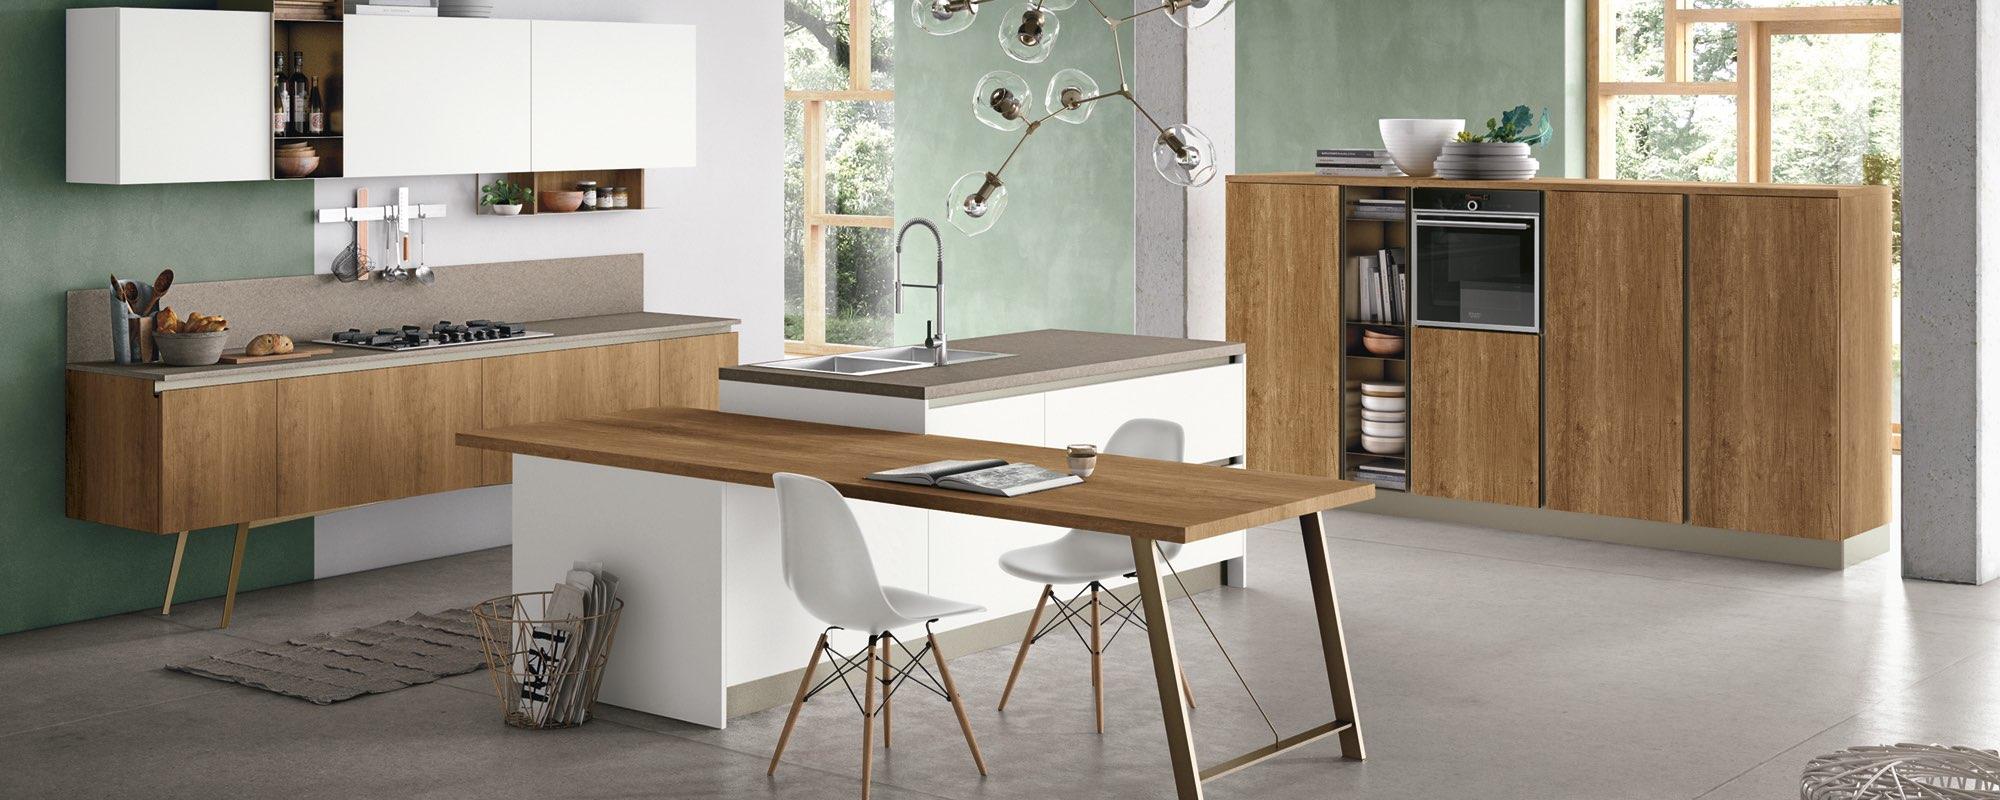 isola con lavandino e tavolo in mezzo alla cucina